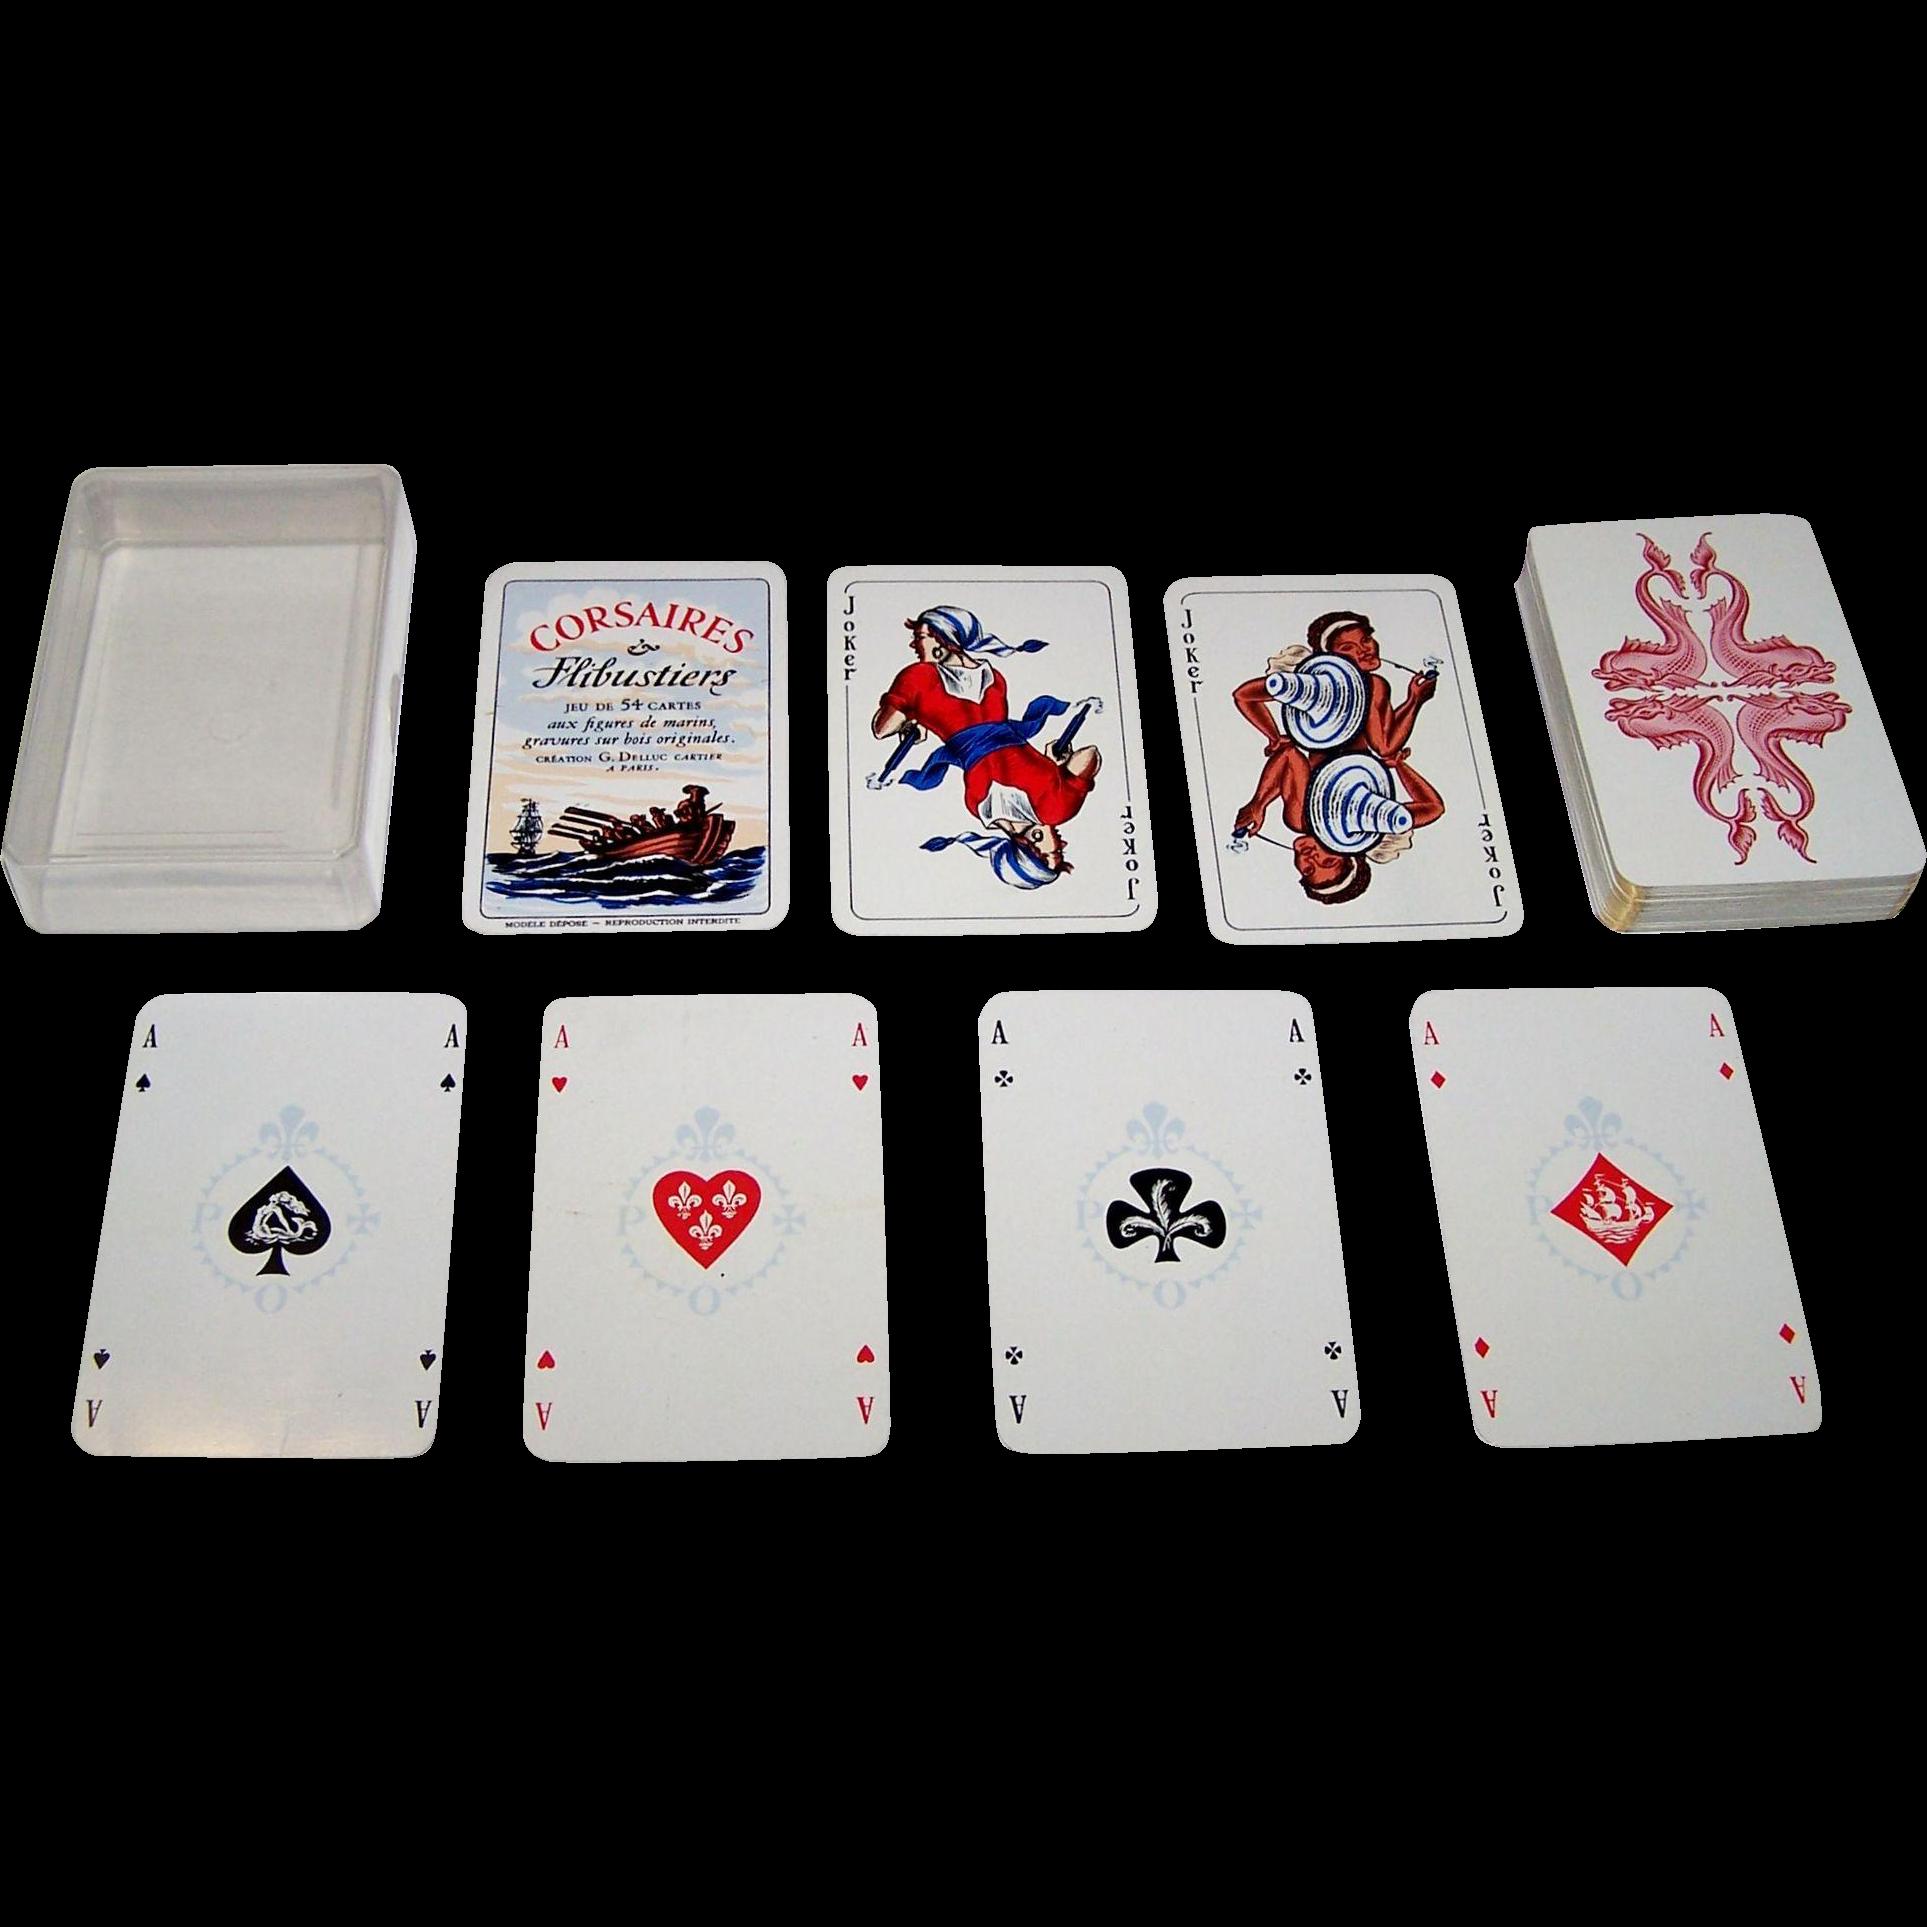 """G. Delluc """"Corsaires et Flibustiers"""" Playing Cards, G. Delluc Designs, Philibert Publ. (?), c.1958"""